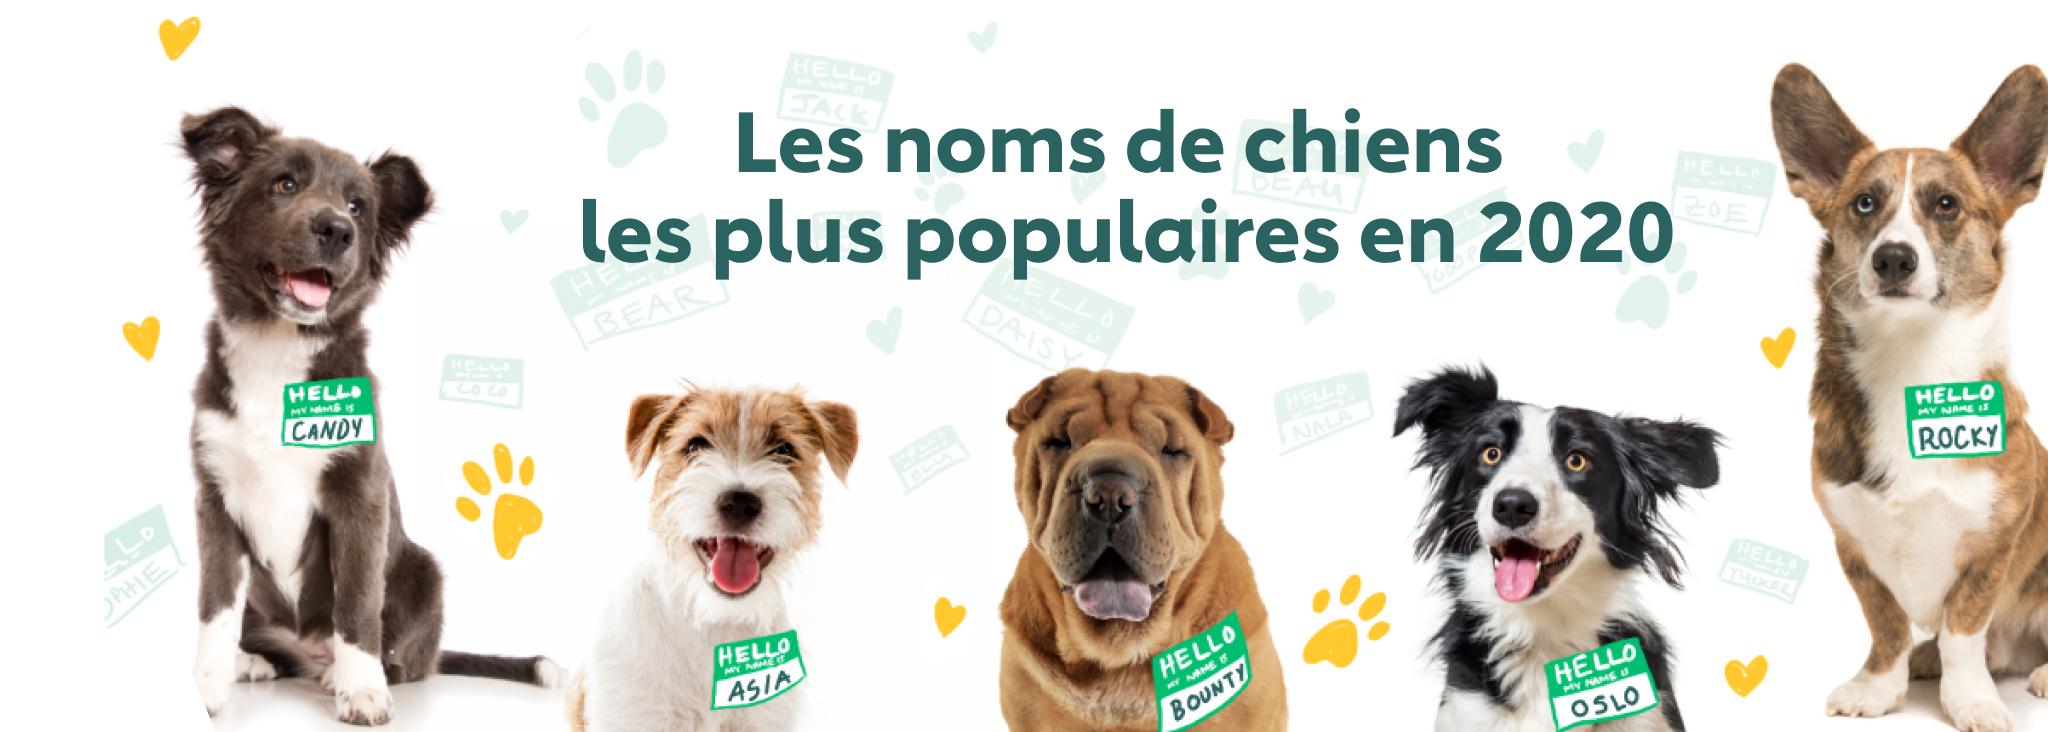 noms de chien populaires